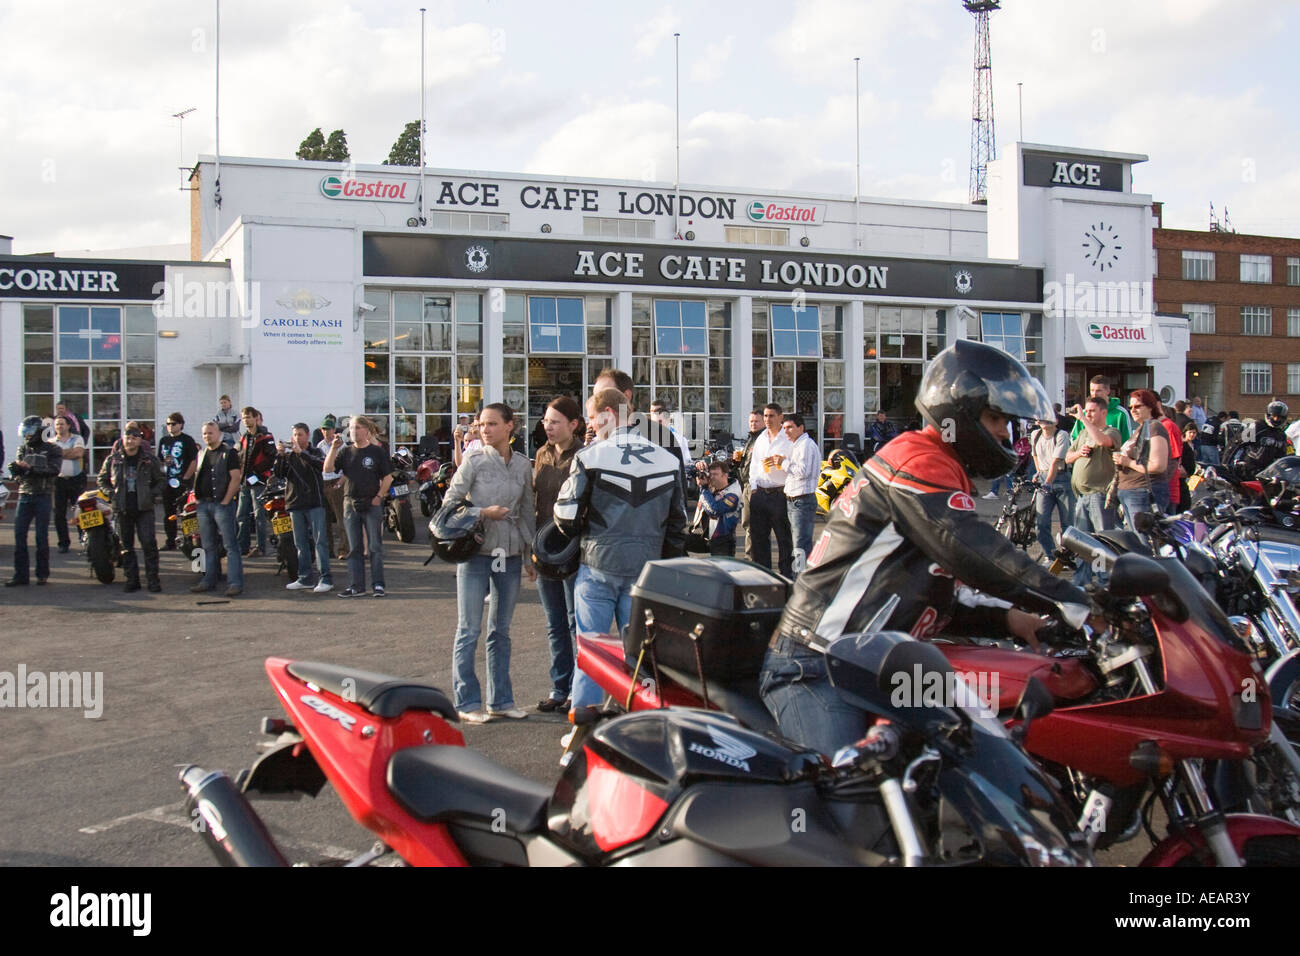 Cafe Uk Motorcycle Stock Photos Amp Cafe Uk Motorcycle Stock